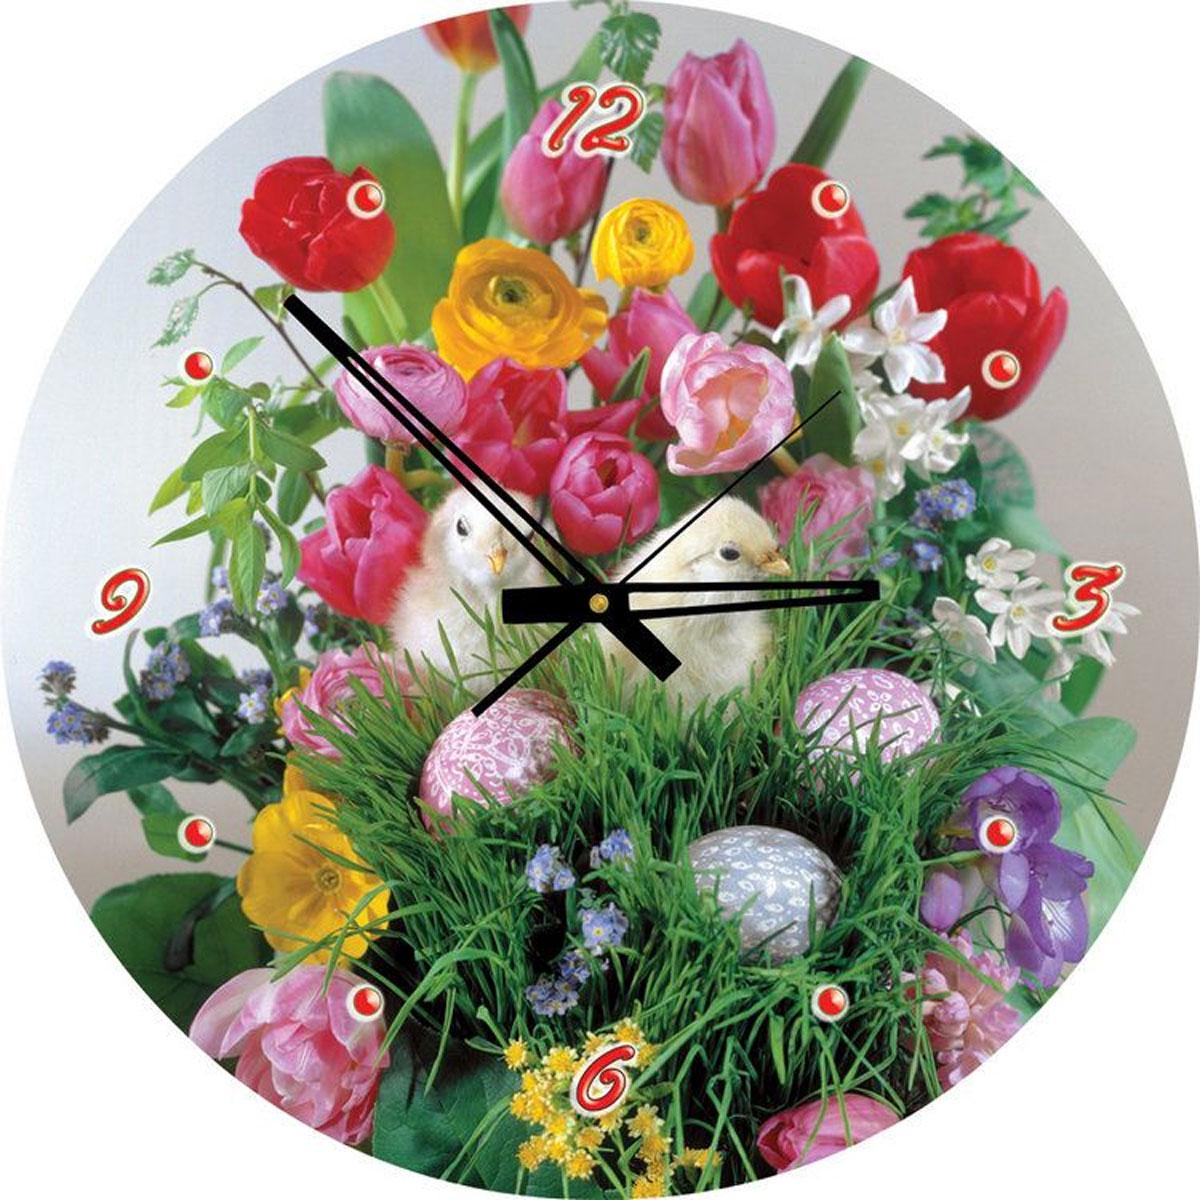 главным часы с цветами фото одновременно плюс этой